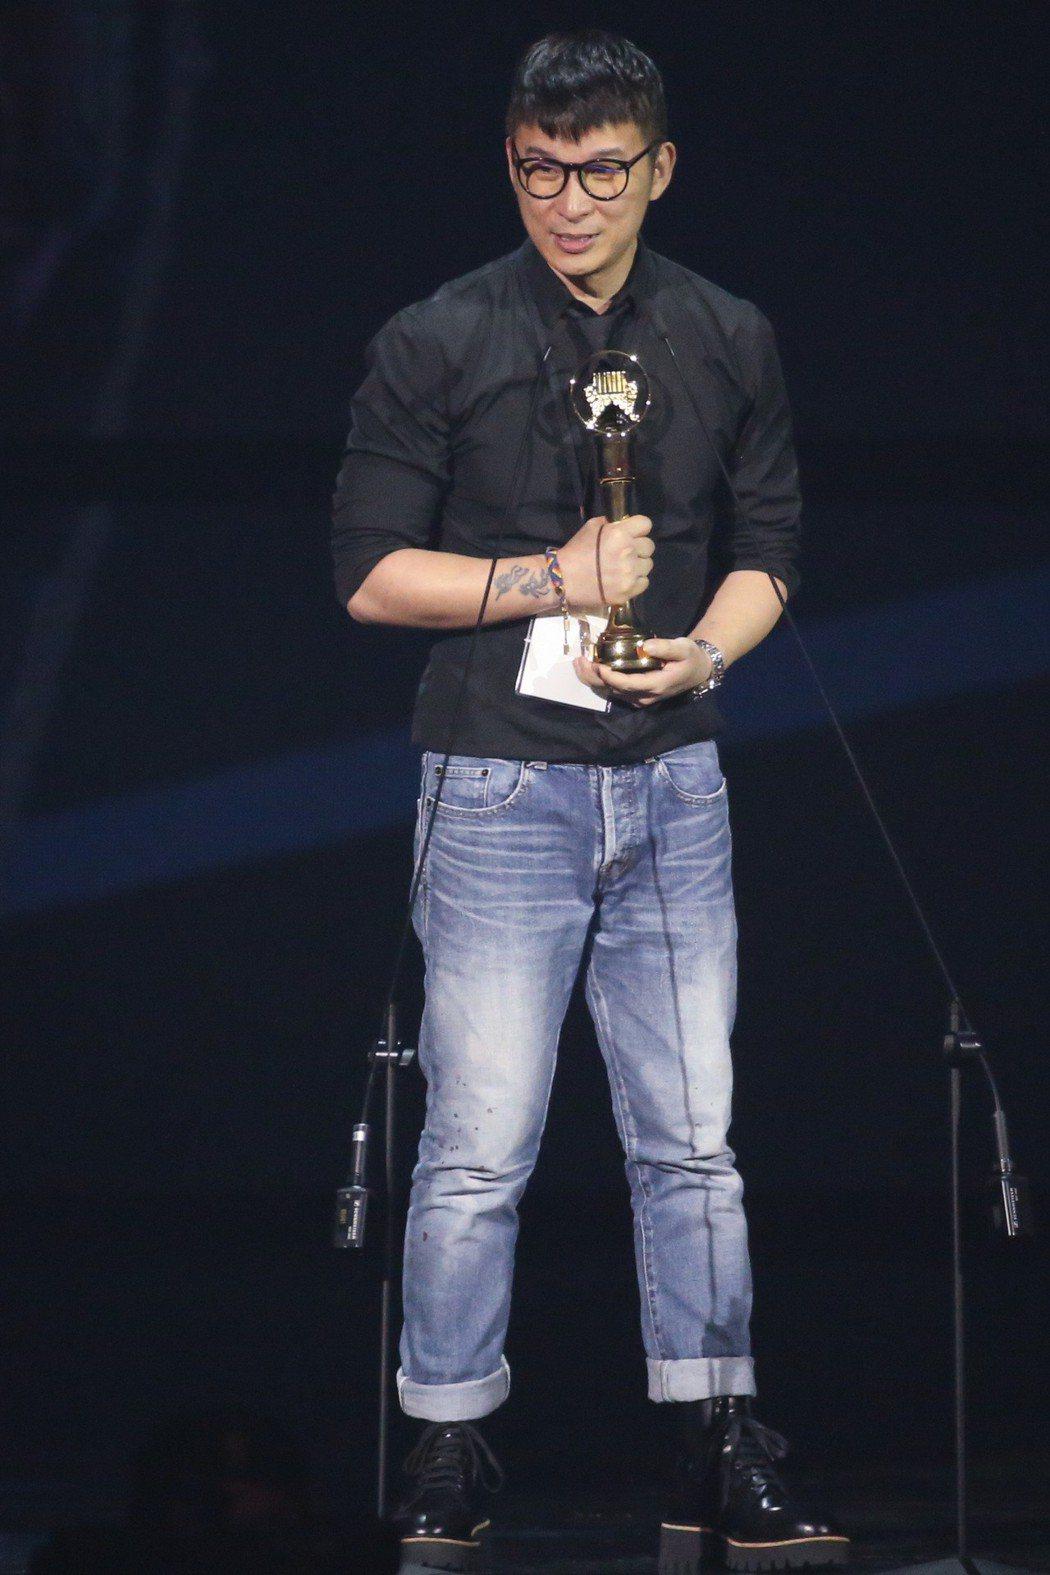 第30屆金曲獎,最佳國語女歌手獎由林憶蓮獲得,製作人陳鎮川(圖)代領。記者林伯東...